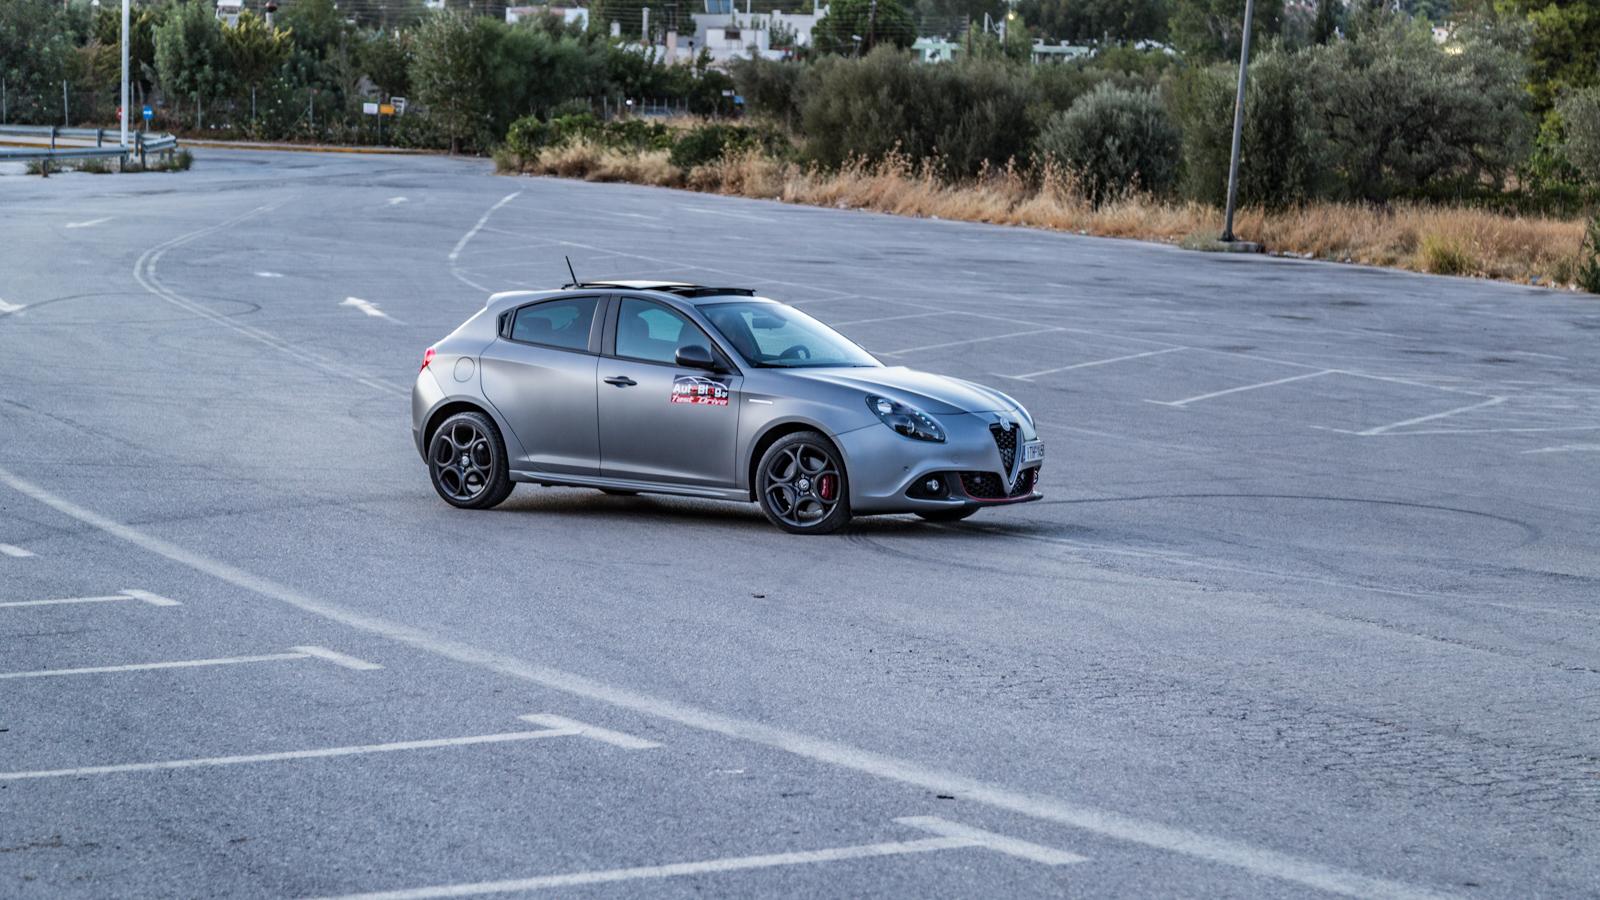 Test_Drive_Alfa_Romeo_Giulietta_TCT_1.6_JTDM-2_24